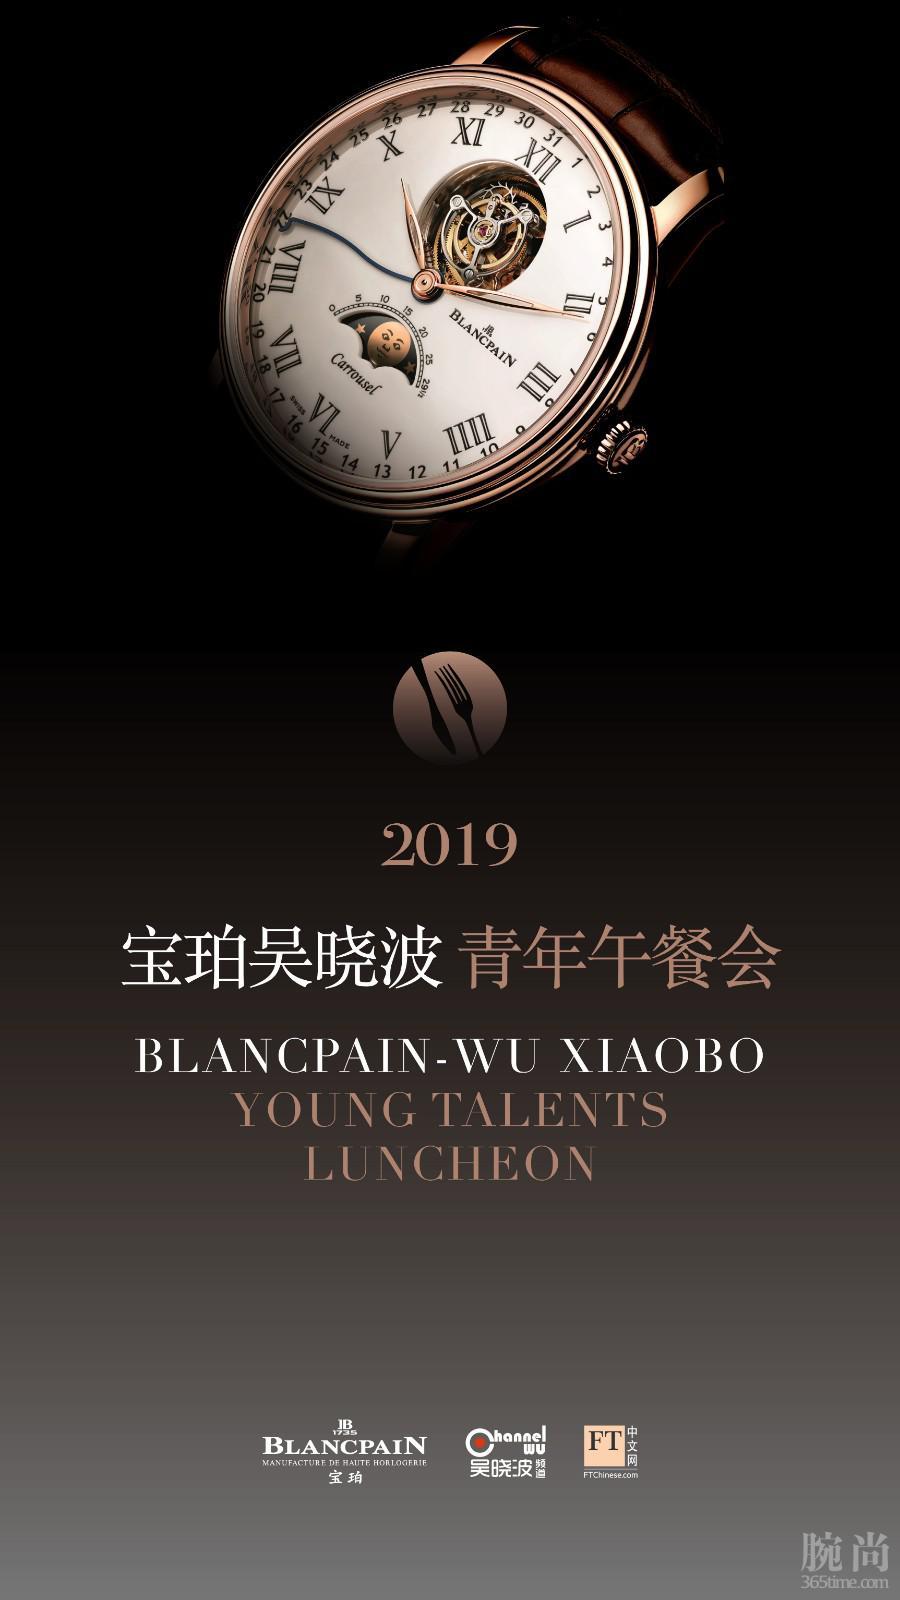 """""""宝珀吴晓波青年午餐会""""主视觉_竖版.jpg"""